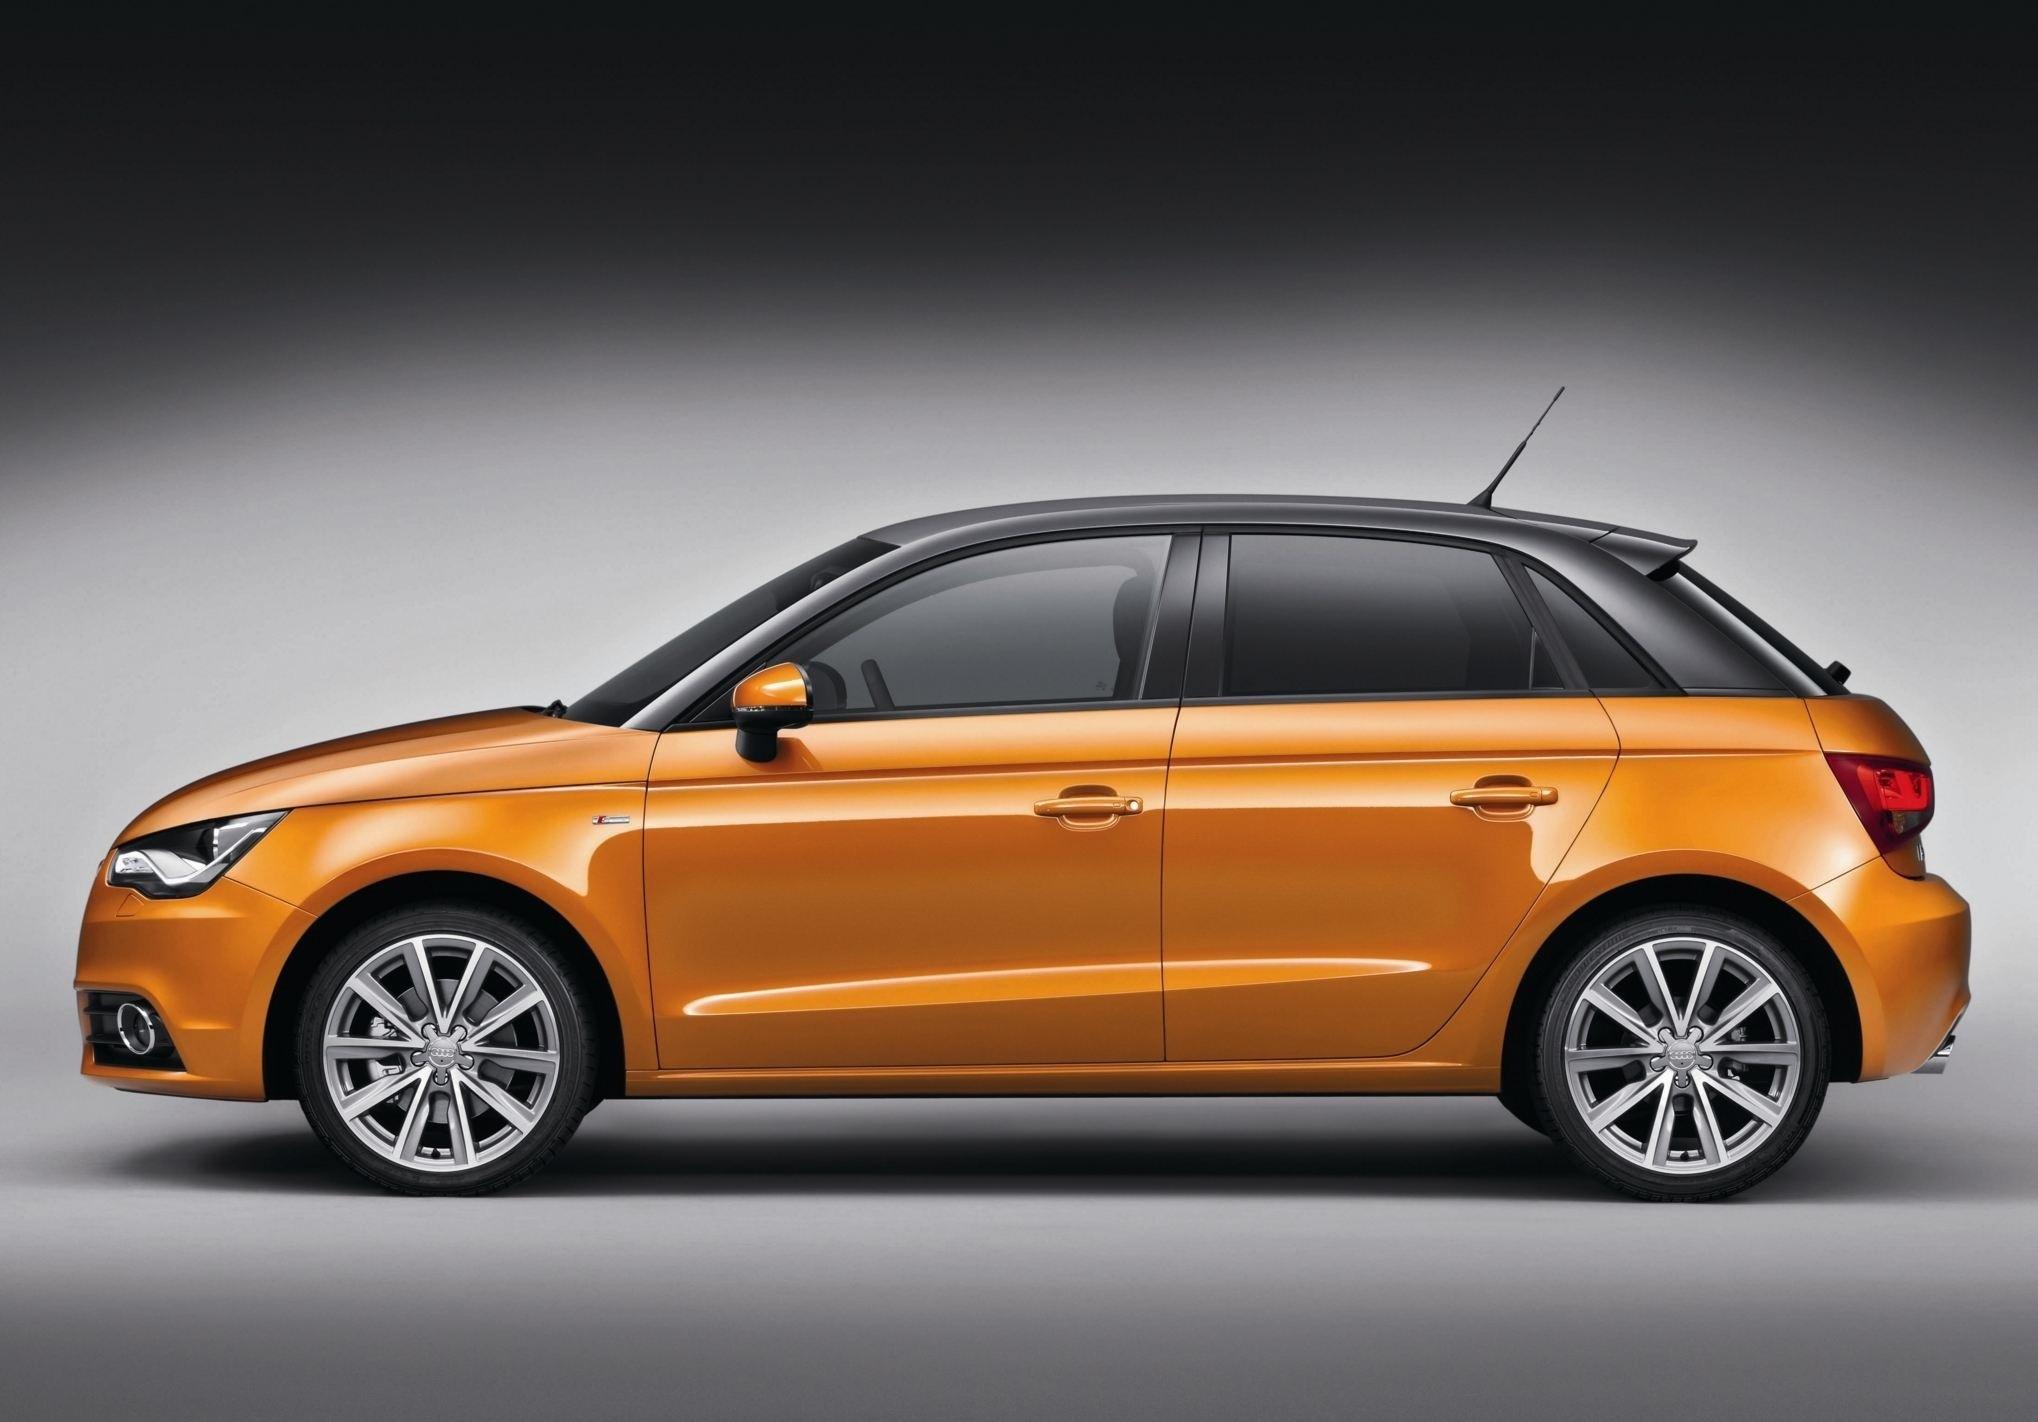 Audi A1 Hd